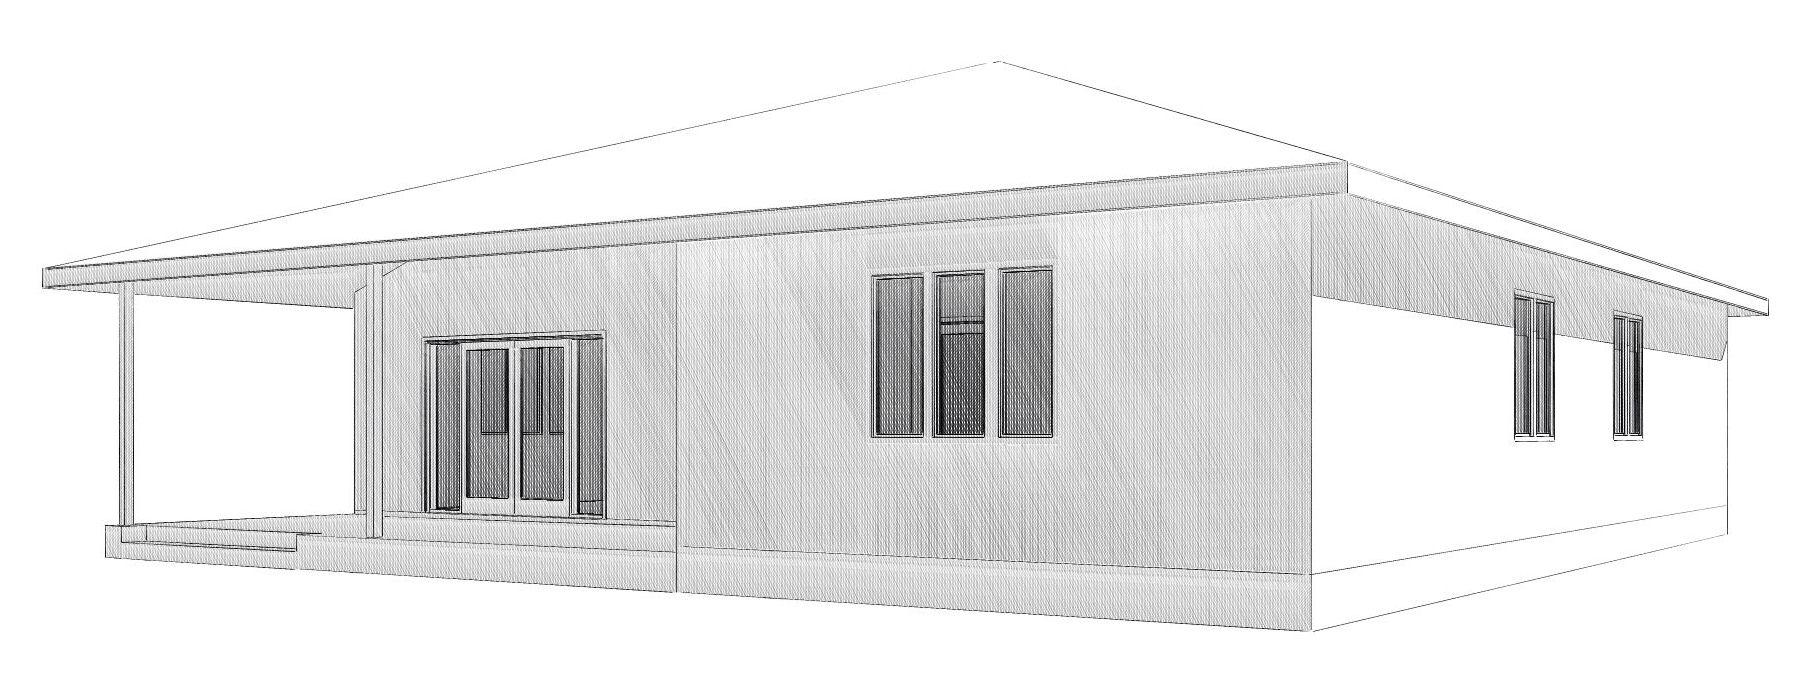 Визуализация дома по Канадской технологии из СИП-панелей, одноэтажный с четырехскатной крышей, 150 м2